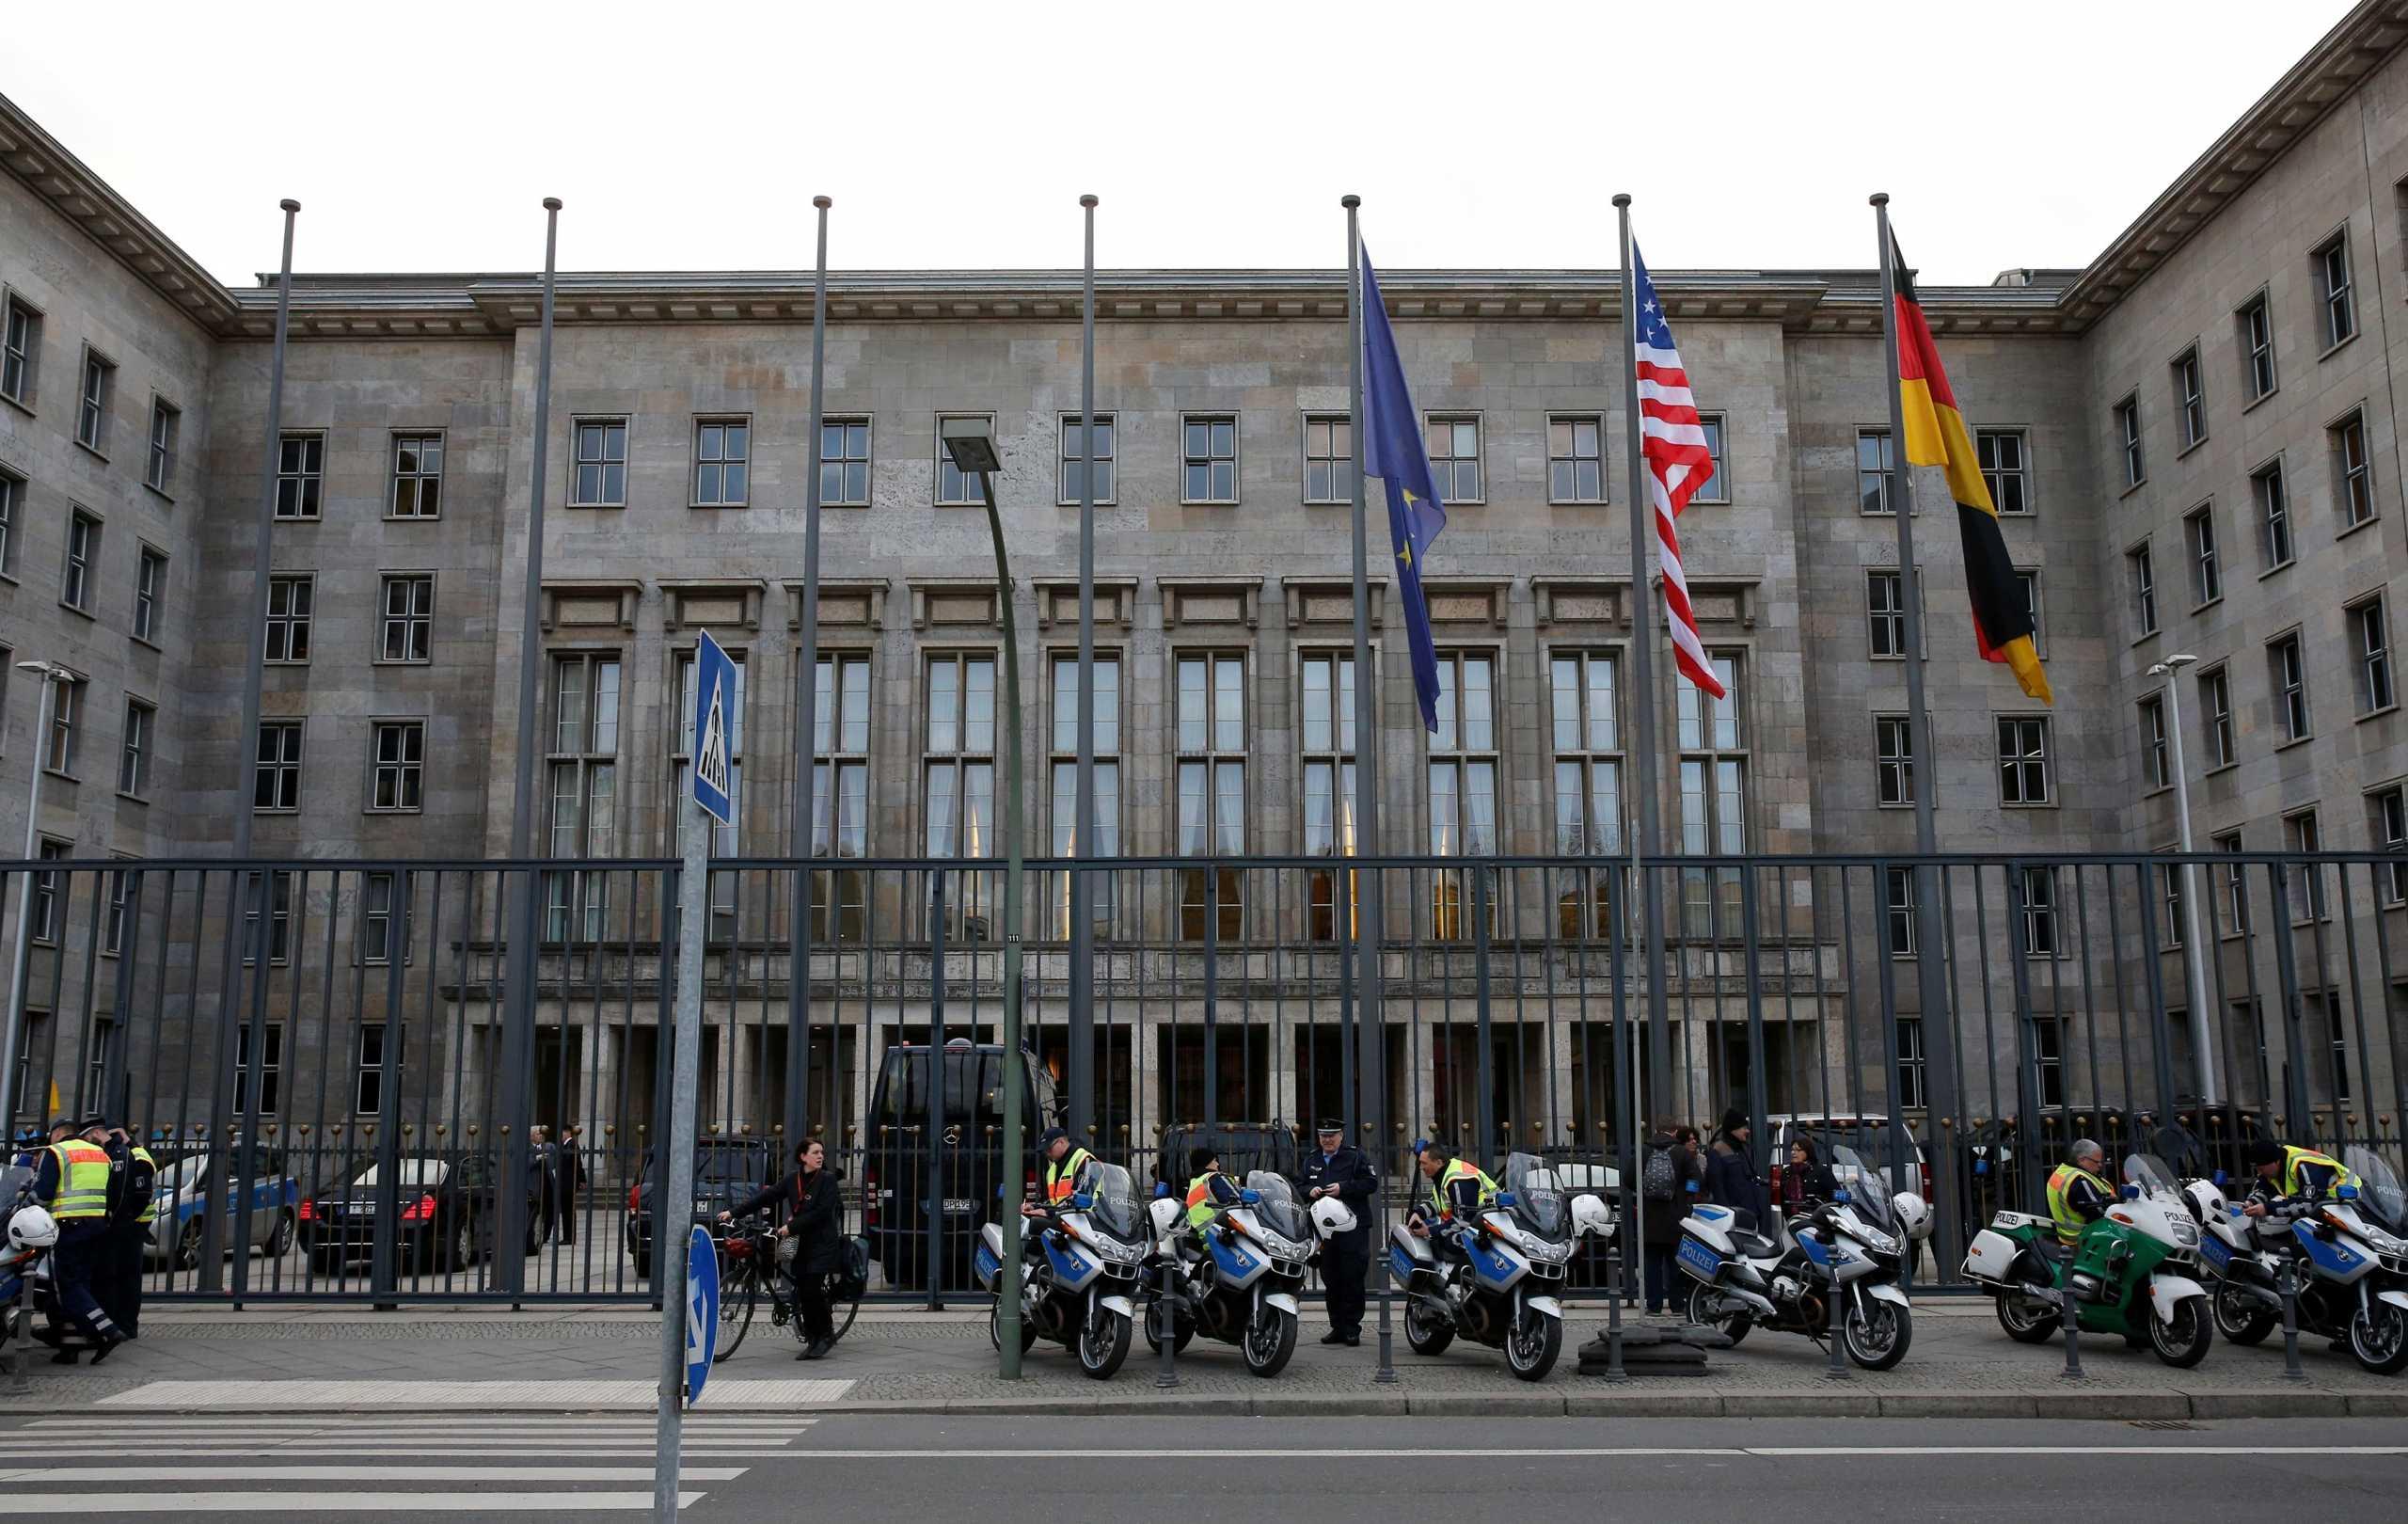 Γερμανία: Εισαγγελική έρευνα σε υπουργεία για ξέπλυμα χρήματος – Κατασχέθηκαν έγγραφα